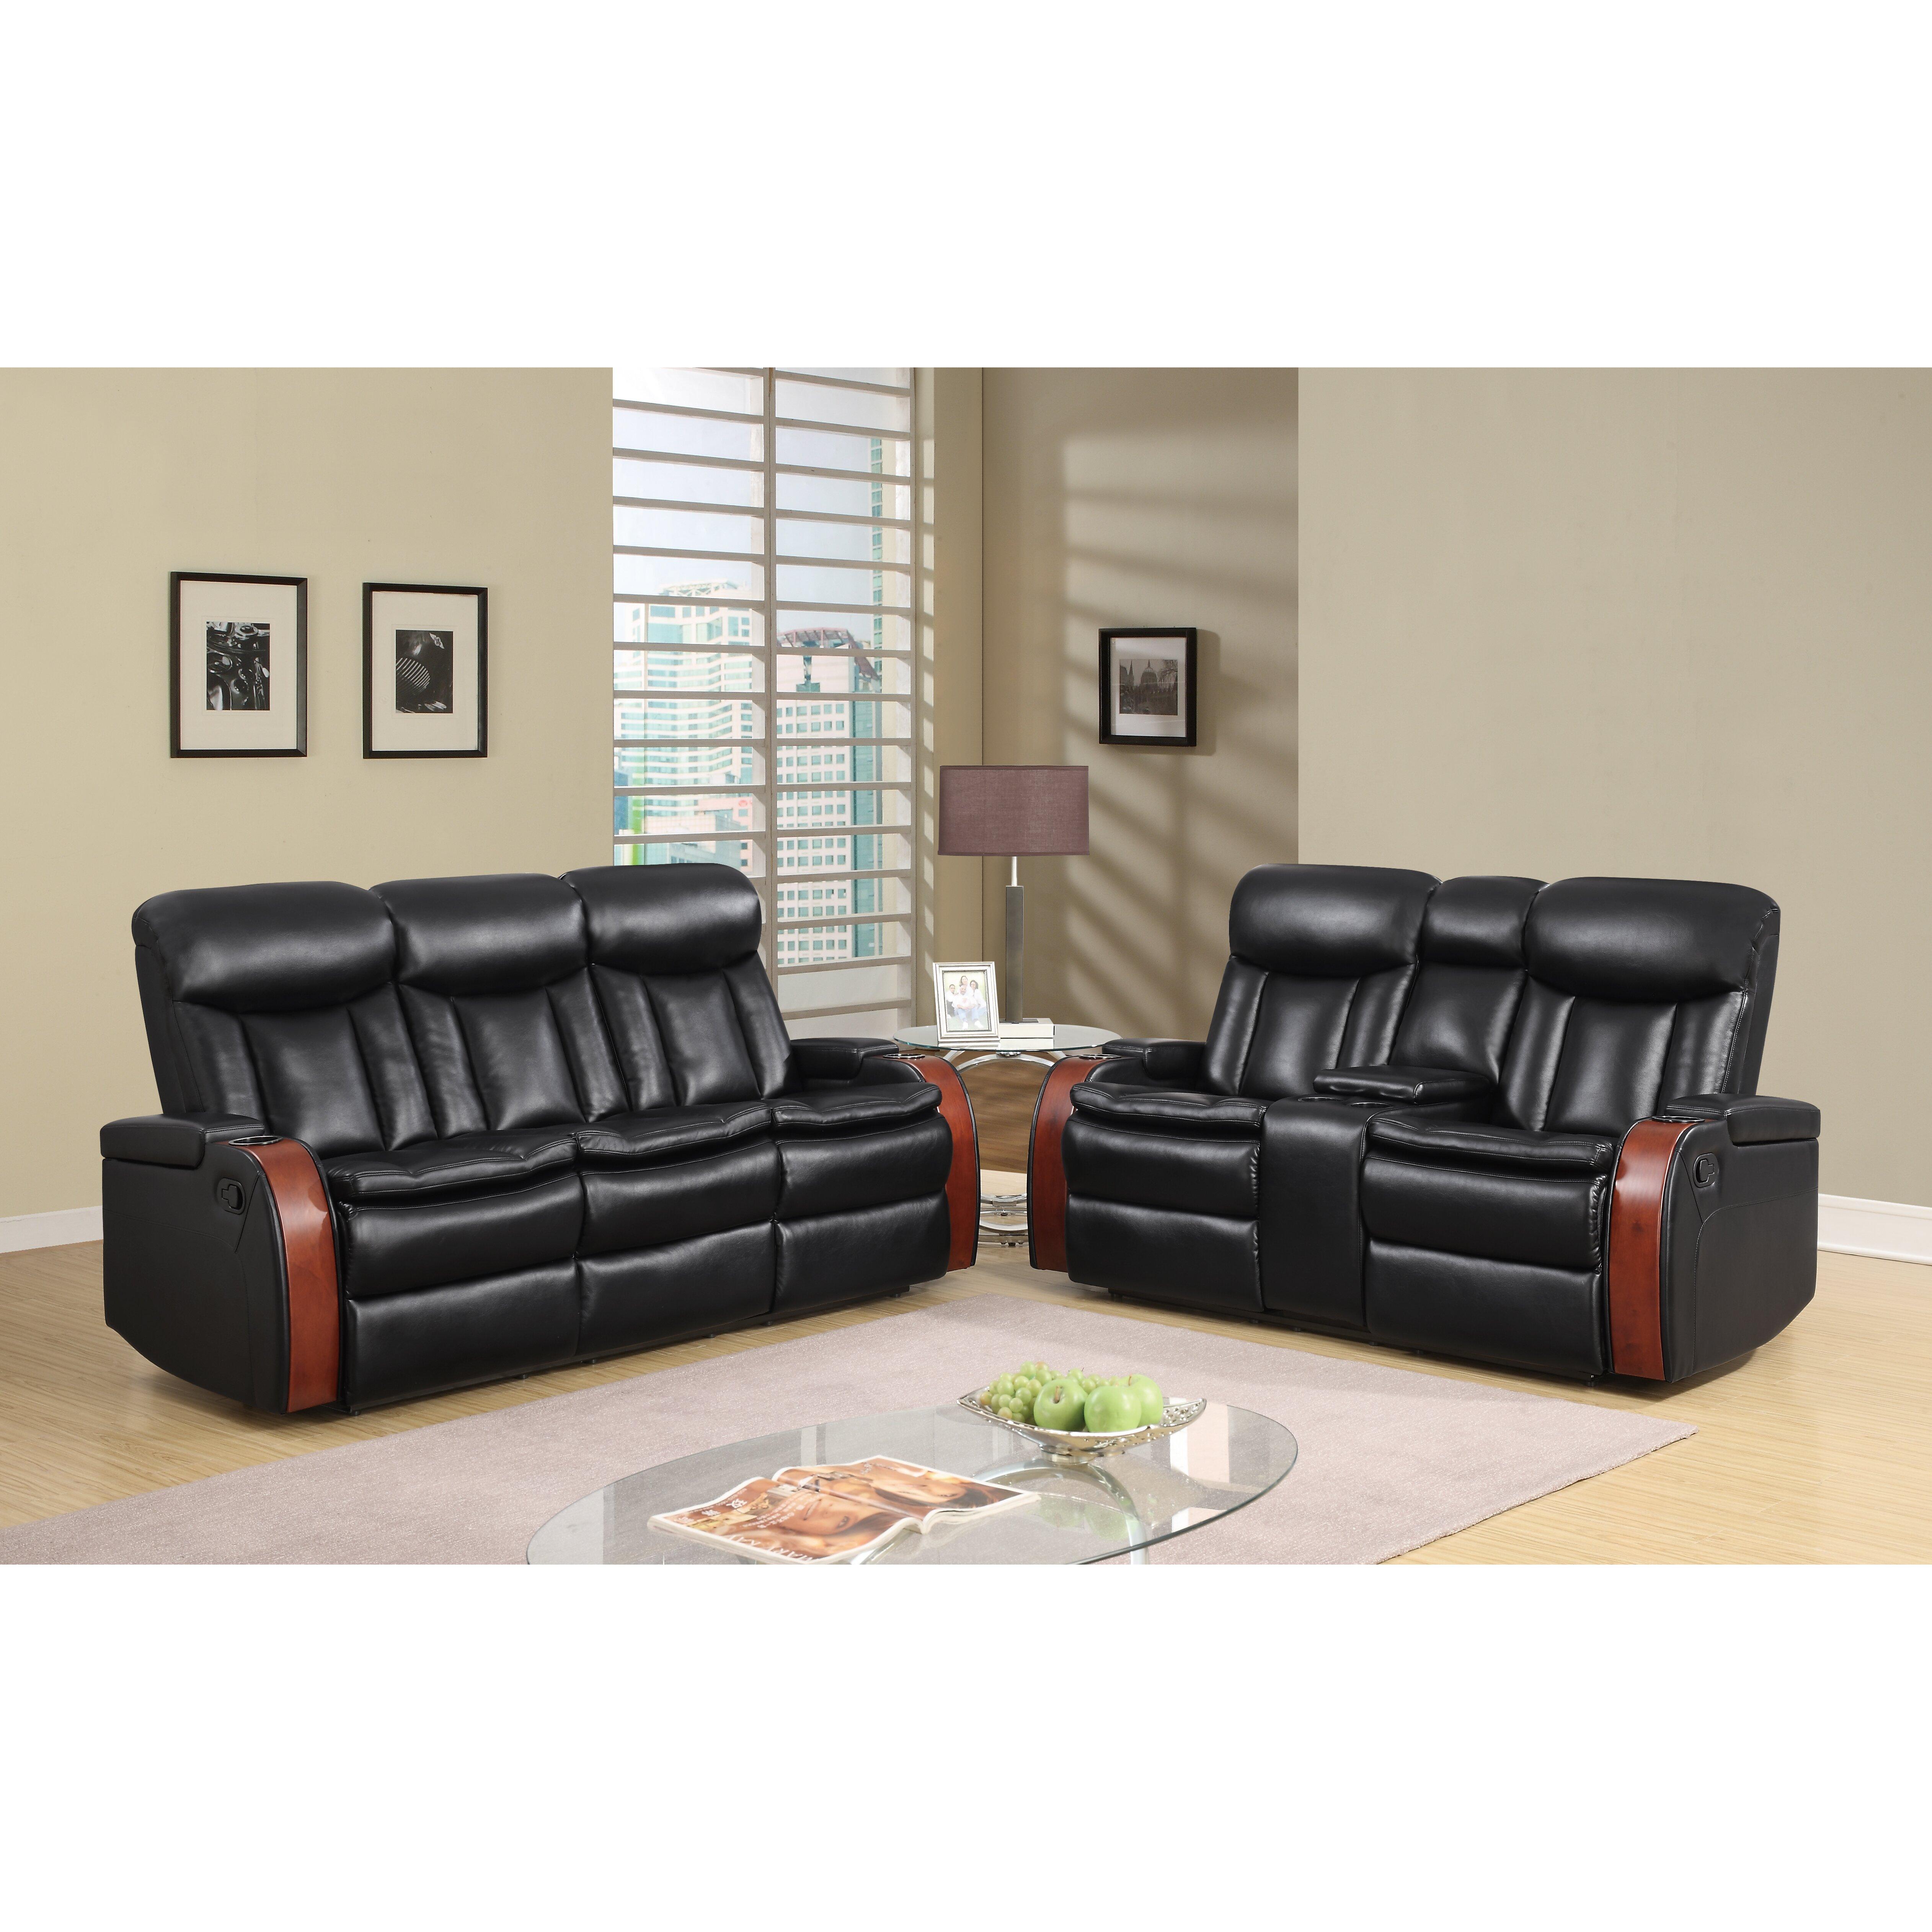 Global furniture usa blanche console loveseat wayfair for Furniture usa